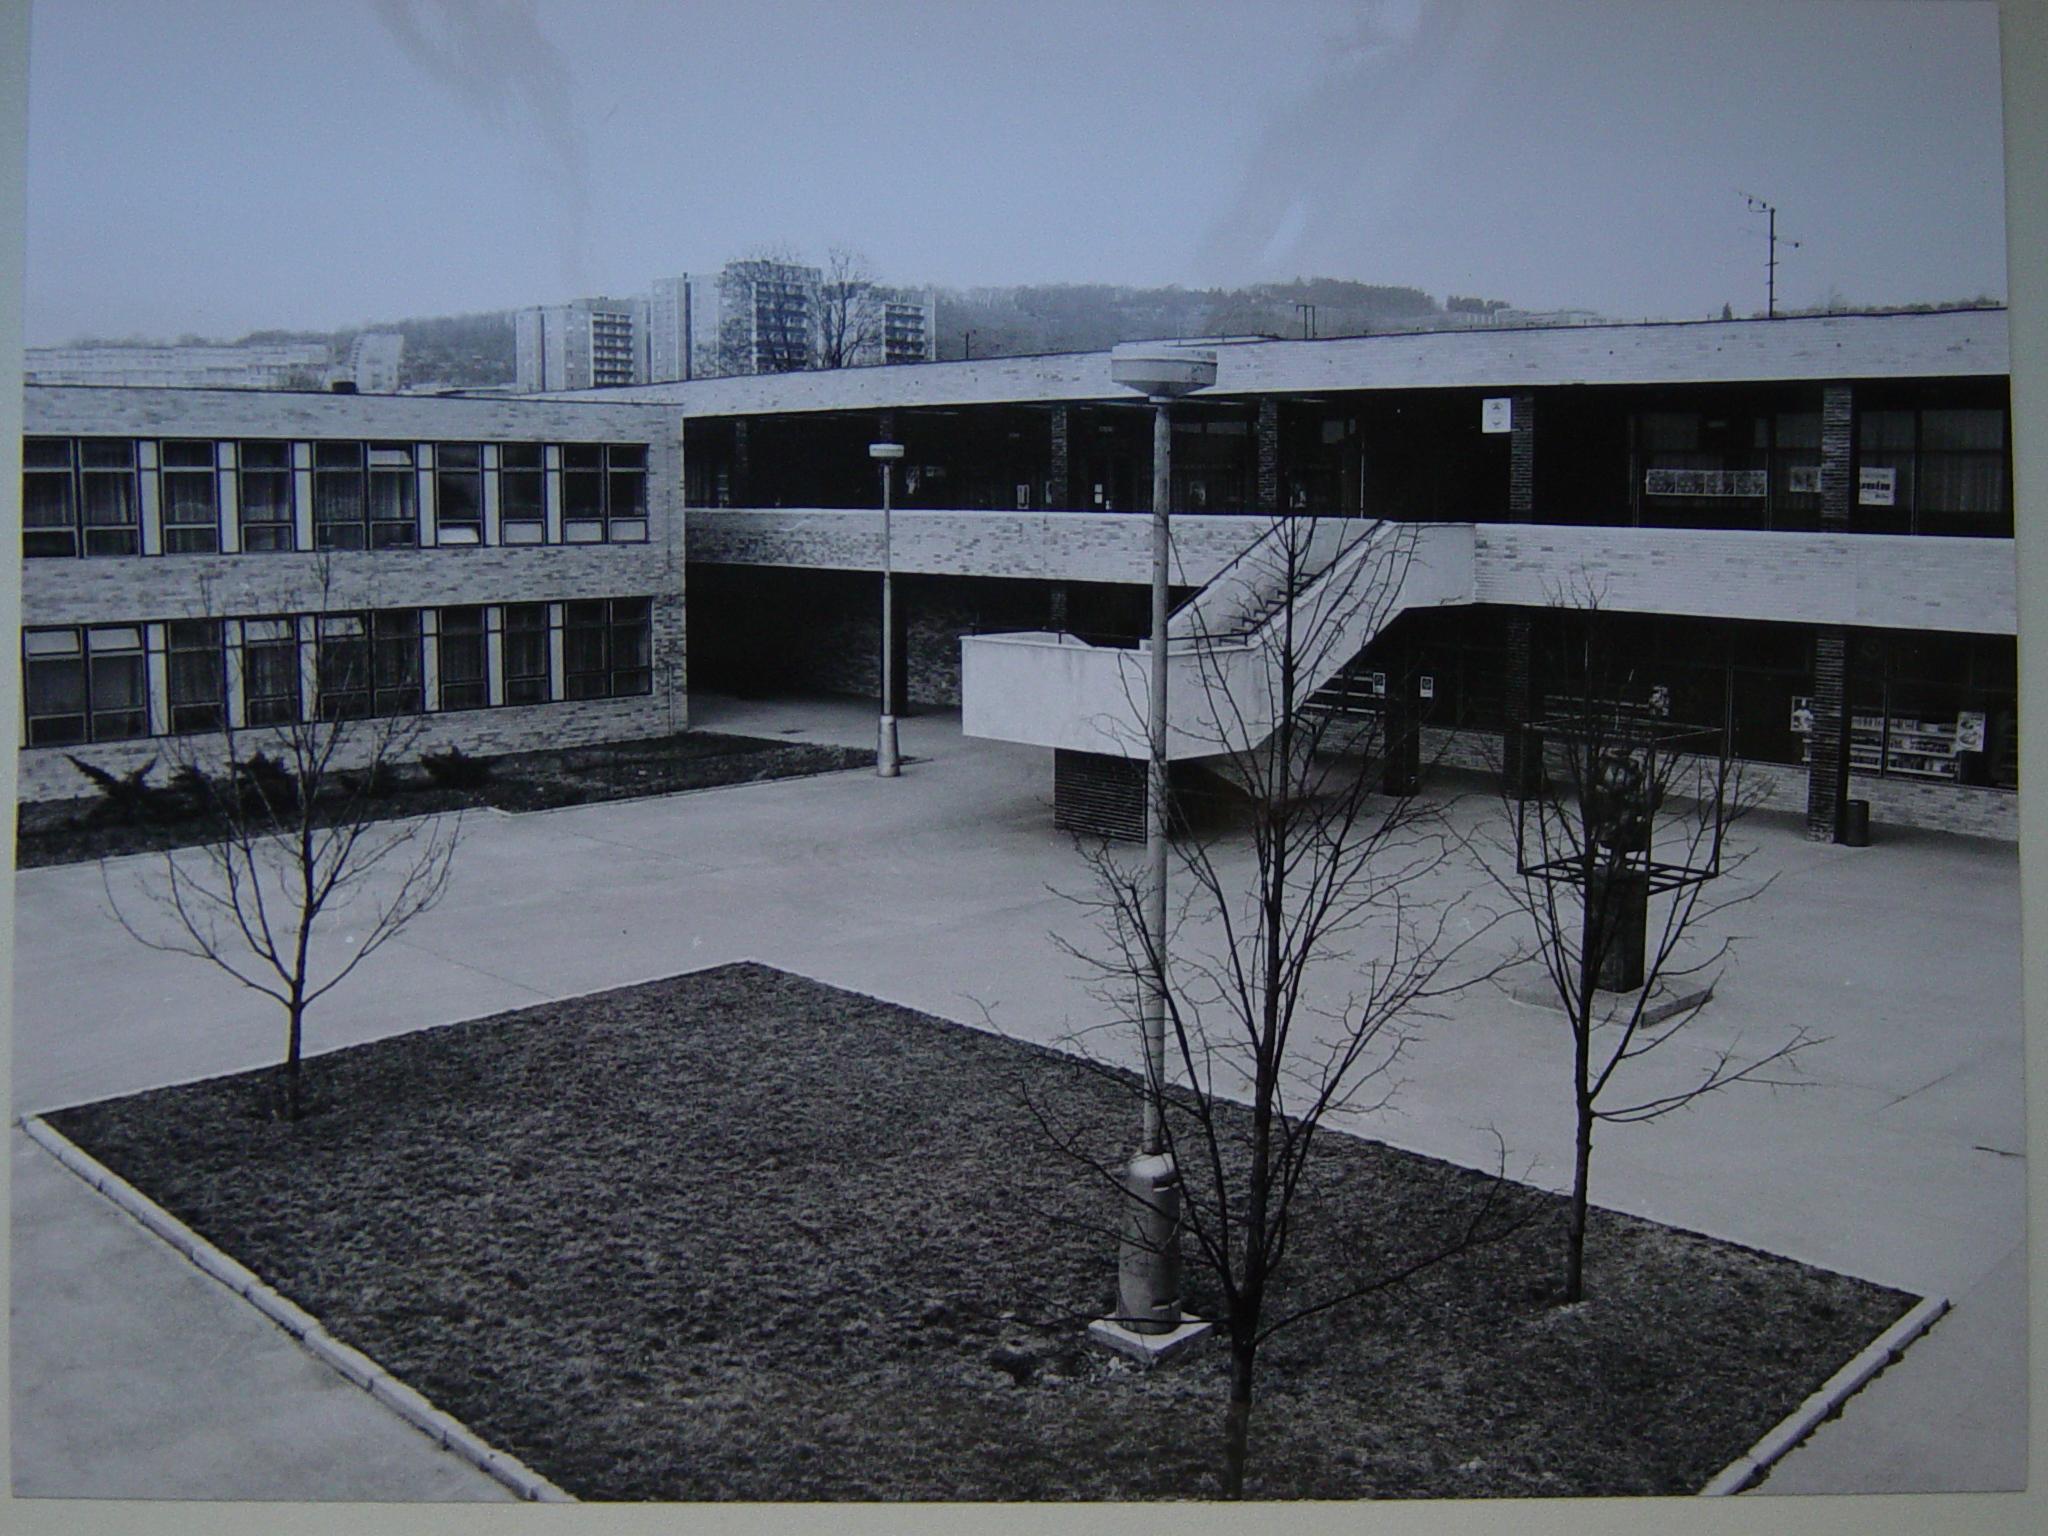 Archivní snímek budovy ZS MEDISPOL před rozsáhlou rekonstrukcí s pohledem na prostory tehdejšího Společenského centra RUBÍN